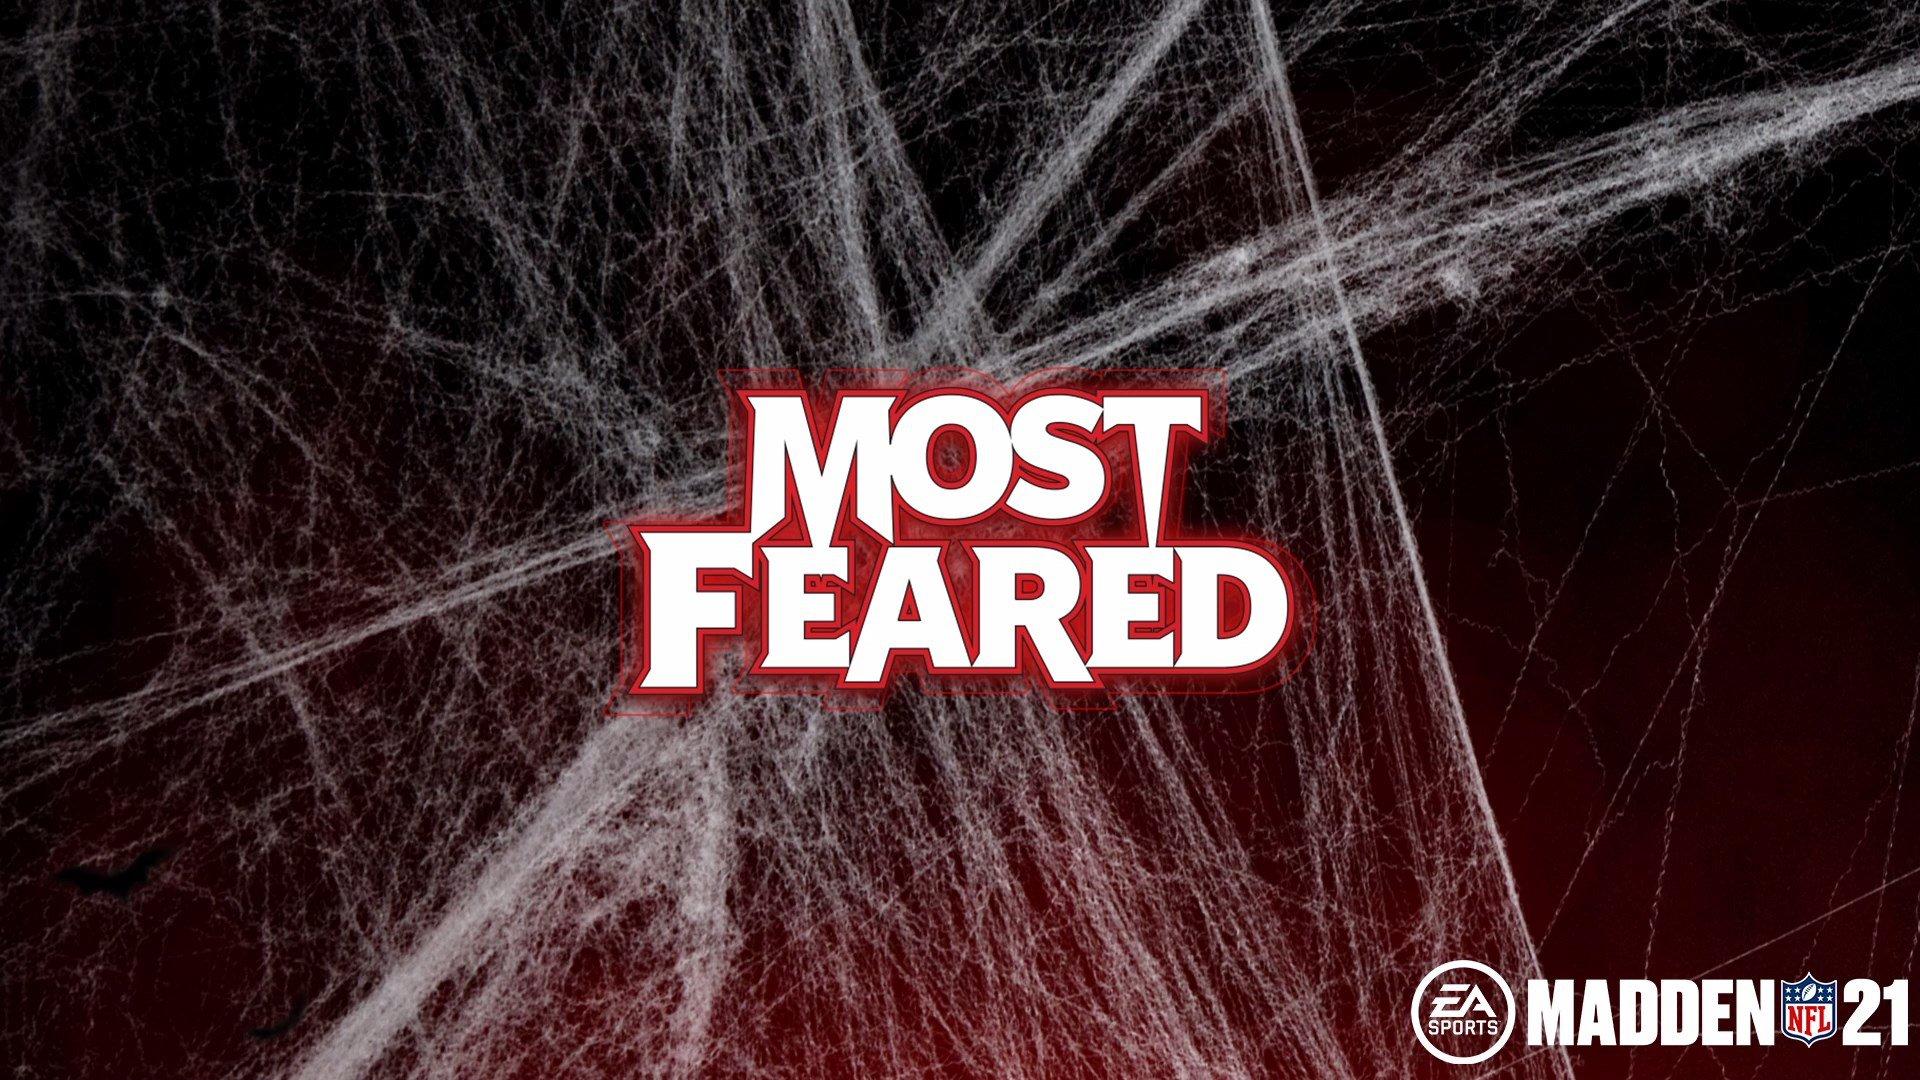 MostFeared.jpg